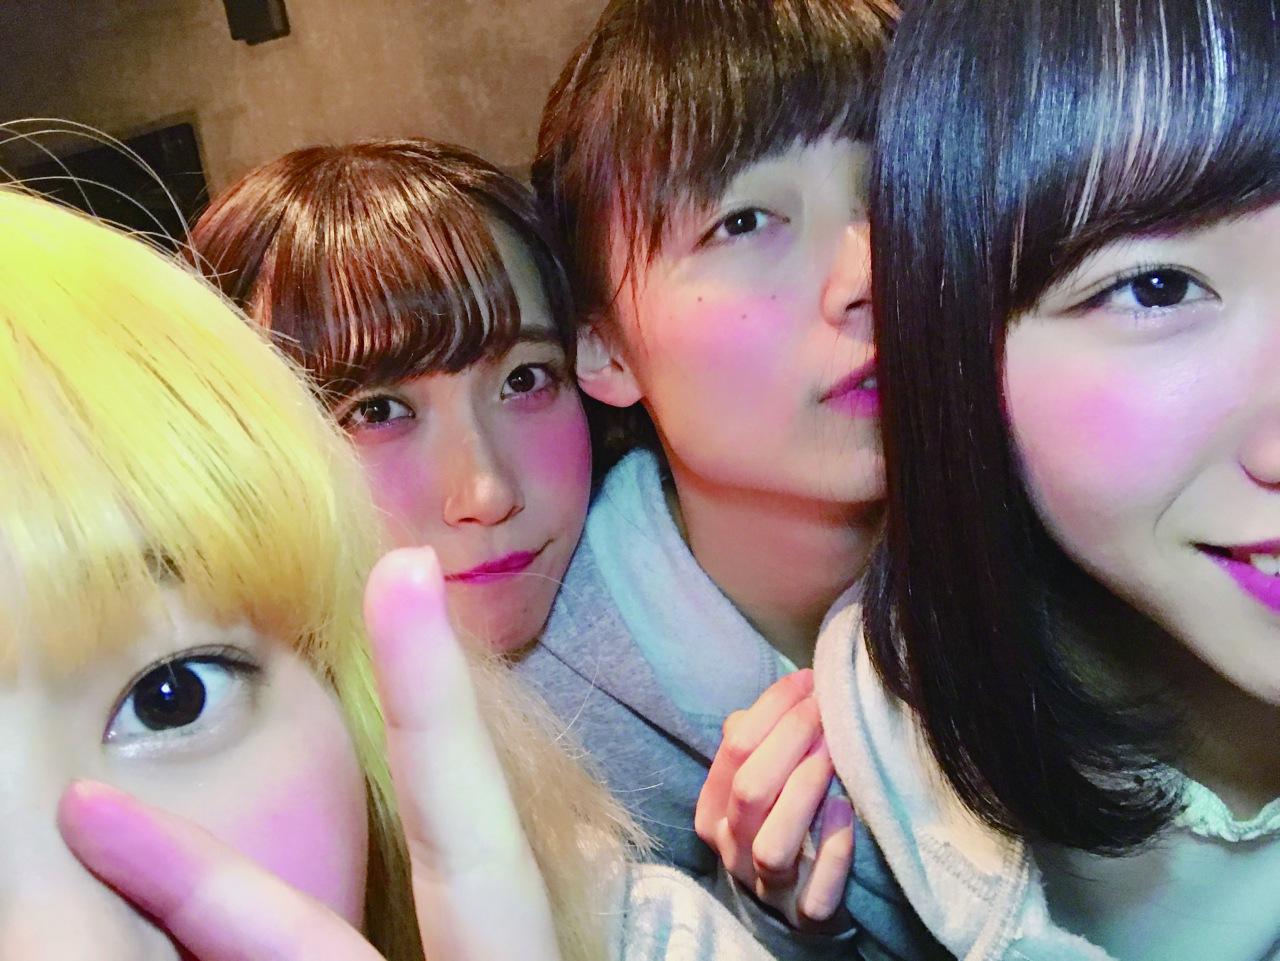 横浜のアイドルユニット nuance(ヌュアンス)の楽曲をハイレゾ配信開始、メンバーコメントも到着